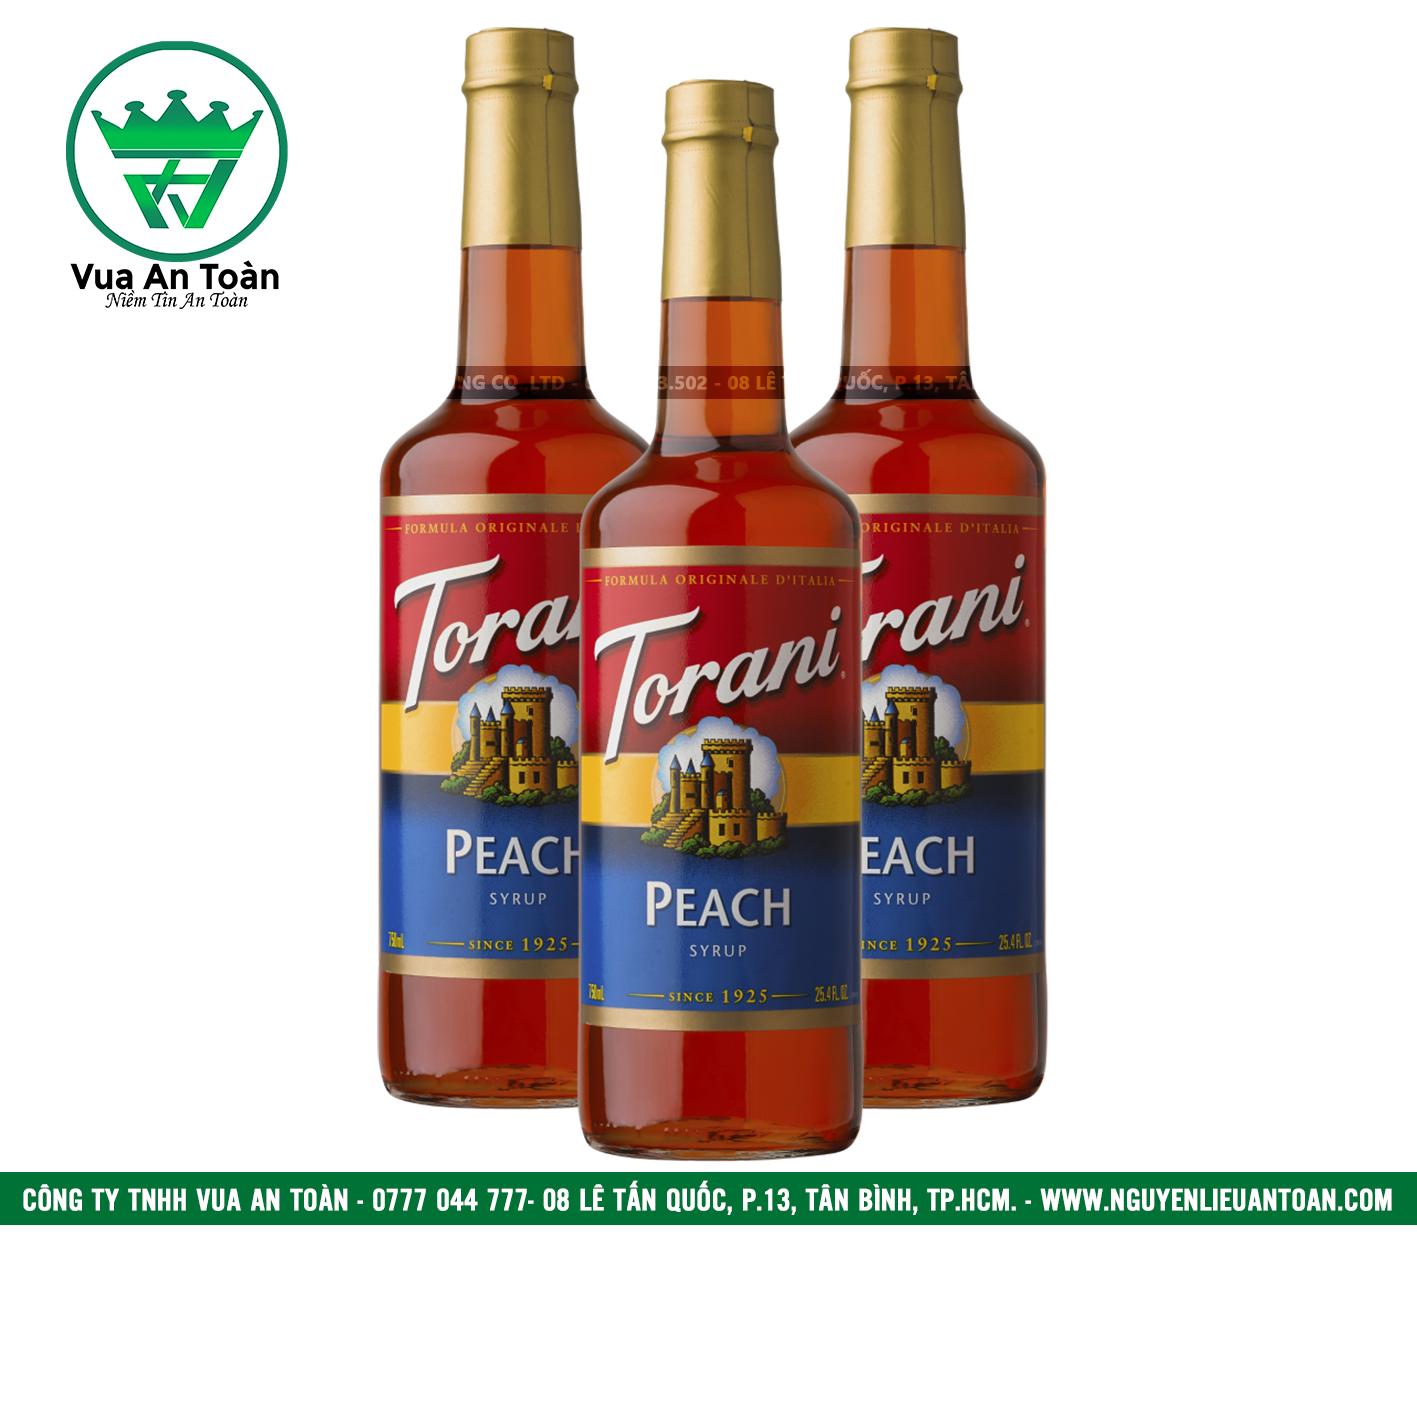 Torani Đào Đỏ - Peach (Red) Syrup